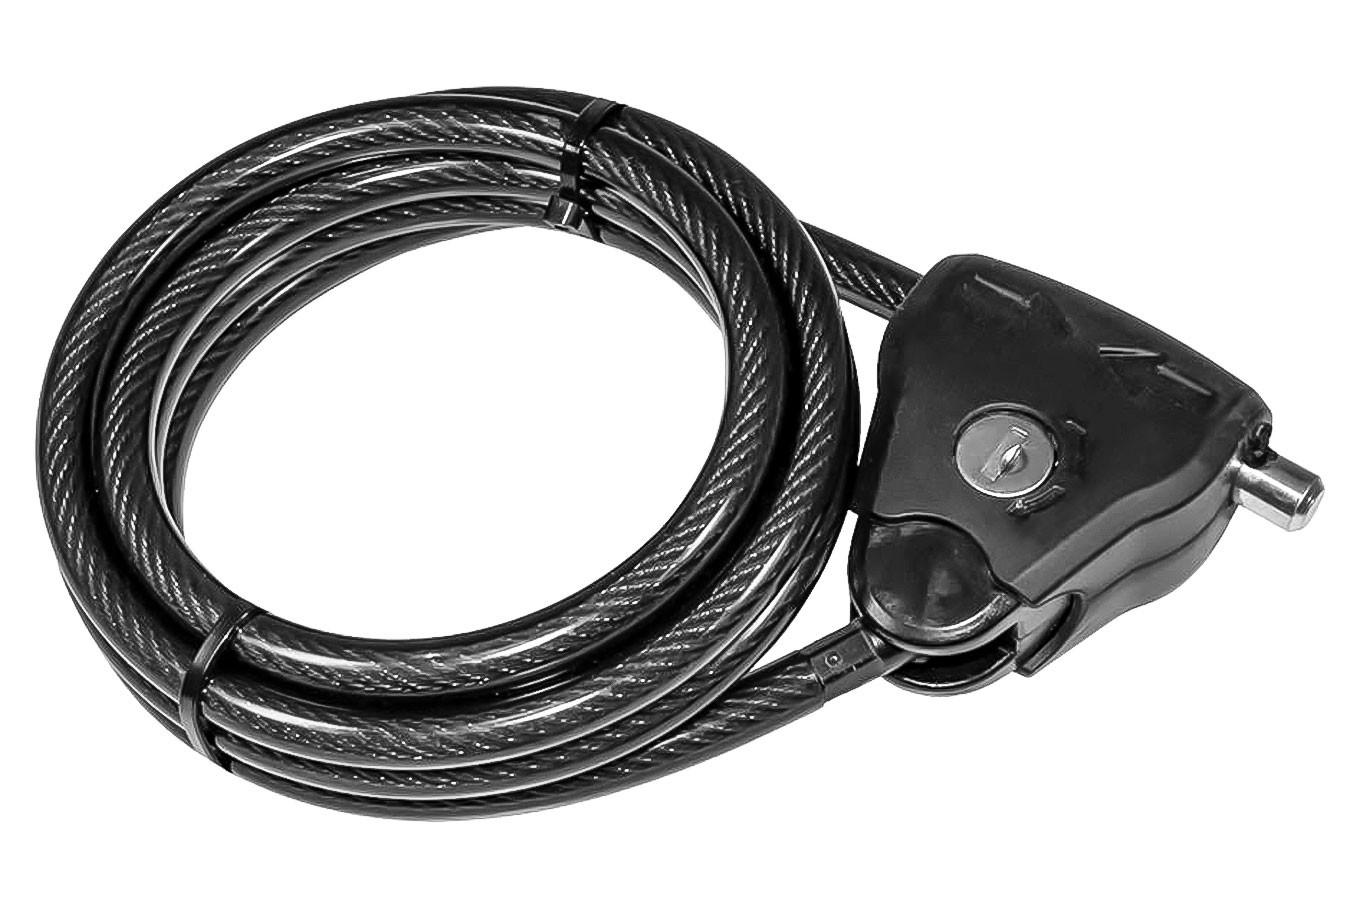 Cadeado para bike ajustável 10x2100mm CL445 - Xplore